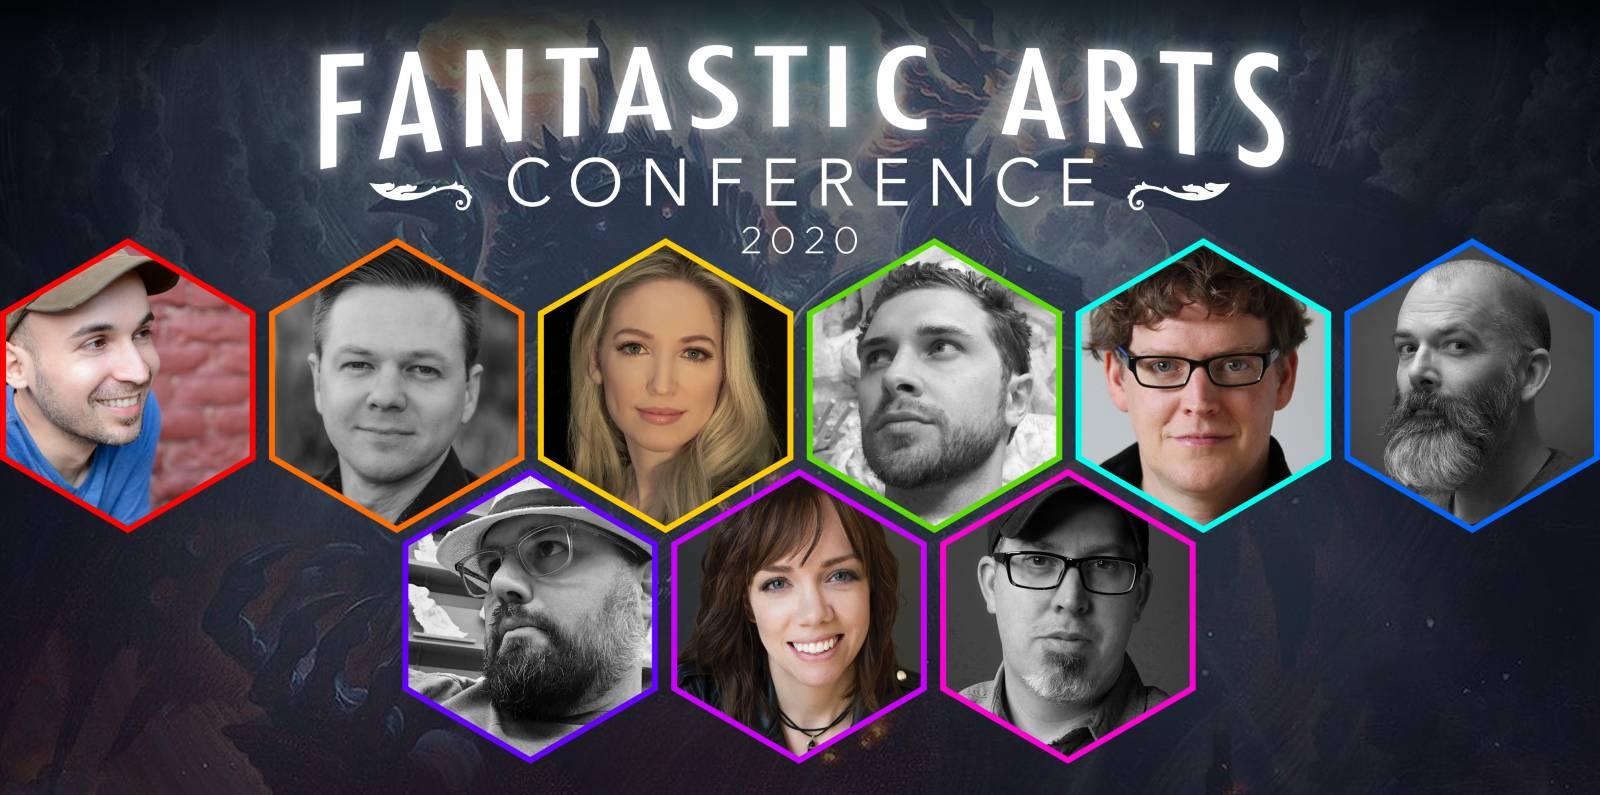 Fantastic Arts Conference